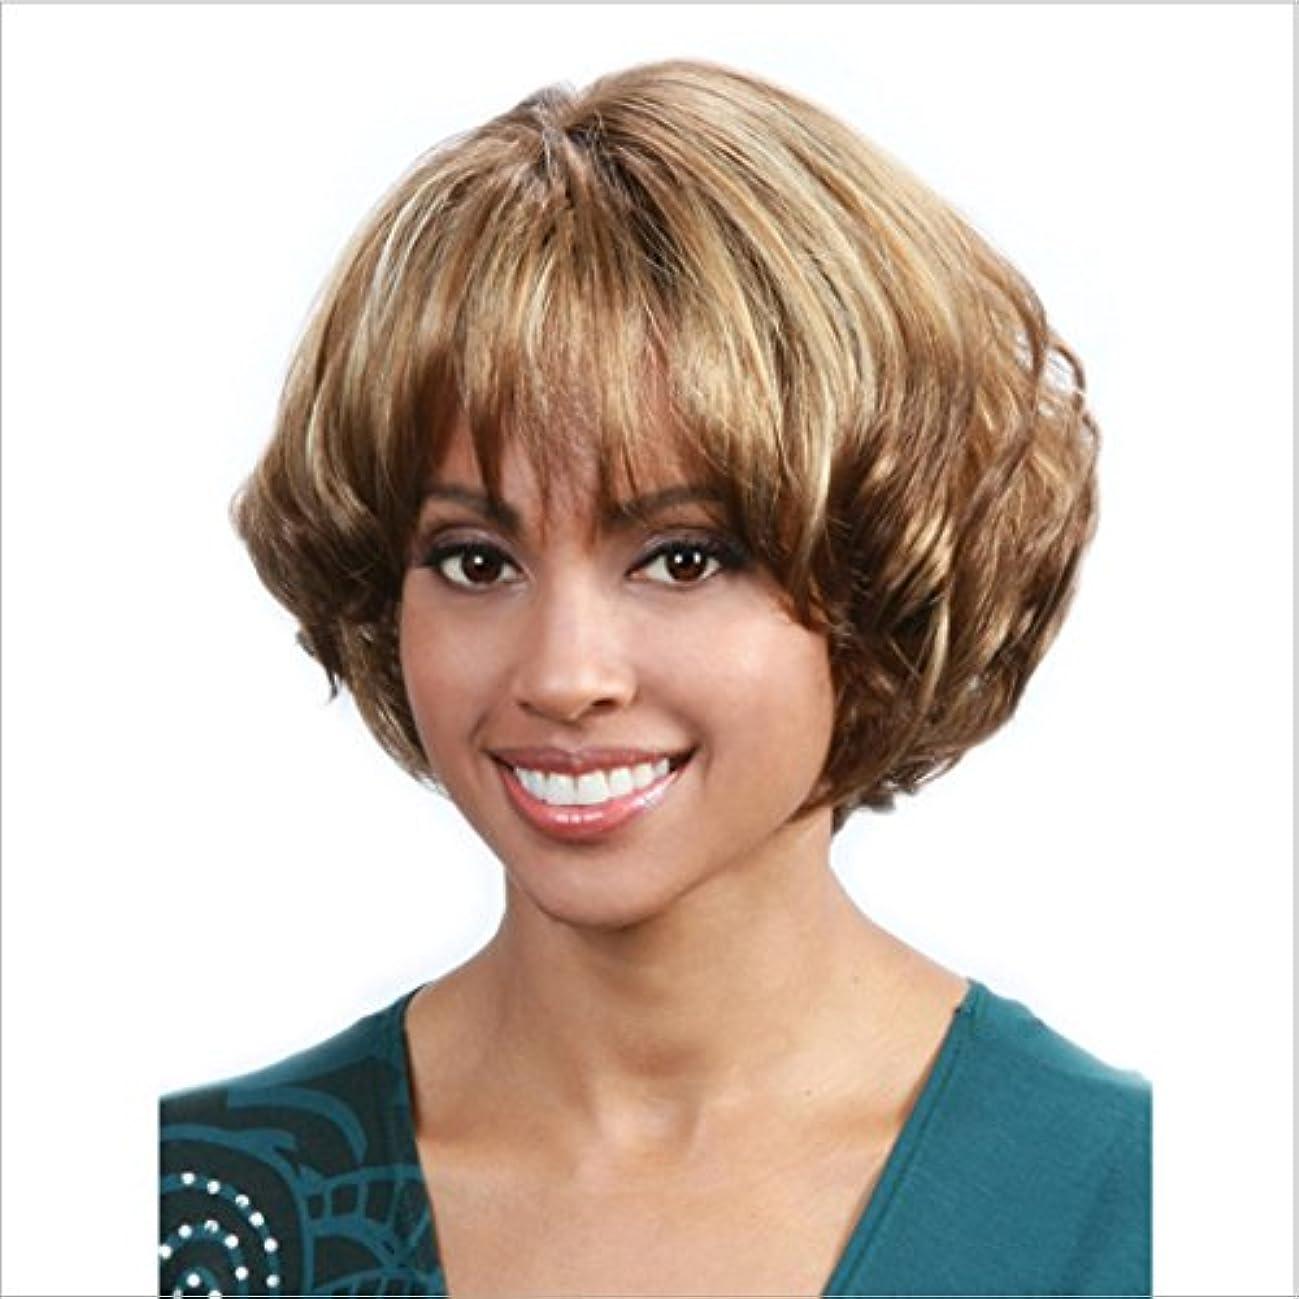 学校発音港JIANFU 白い女性のための混合色のかつらカーリー合成髪短いブラウンと黒ウィッグ耐熱性髪のふわふわウィッグフラットバンズ付き10inch / 150g (色 : Brown and black)